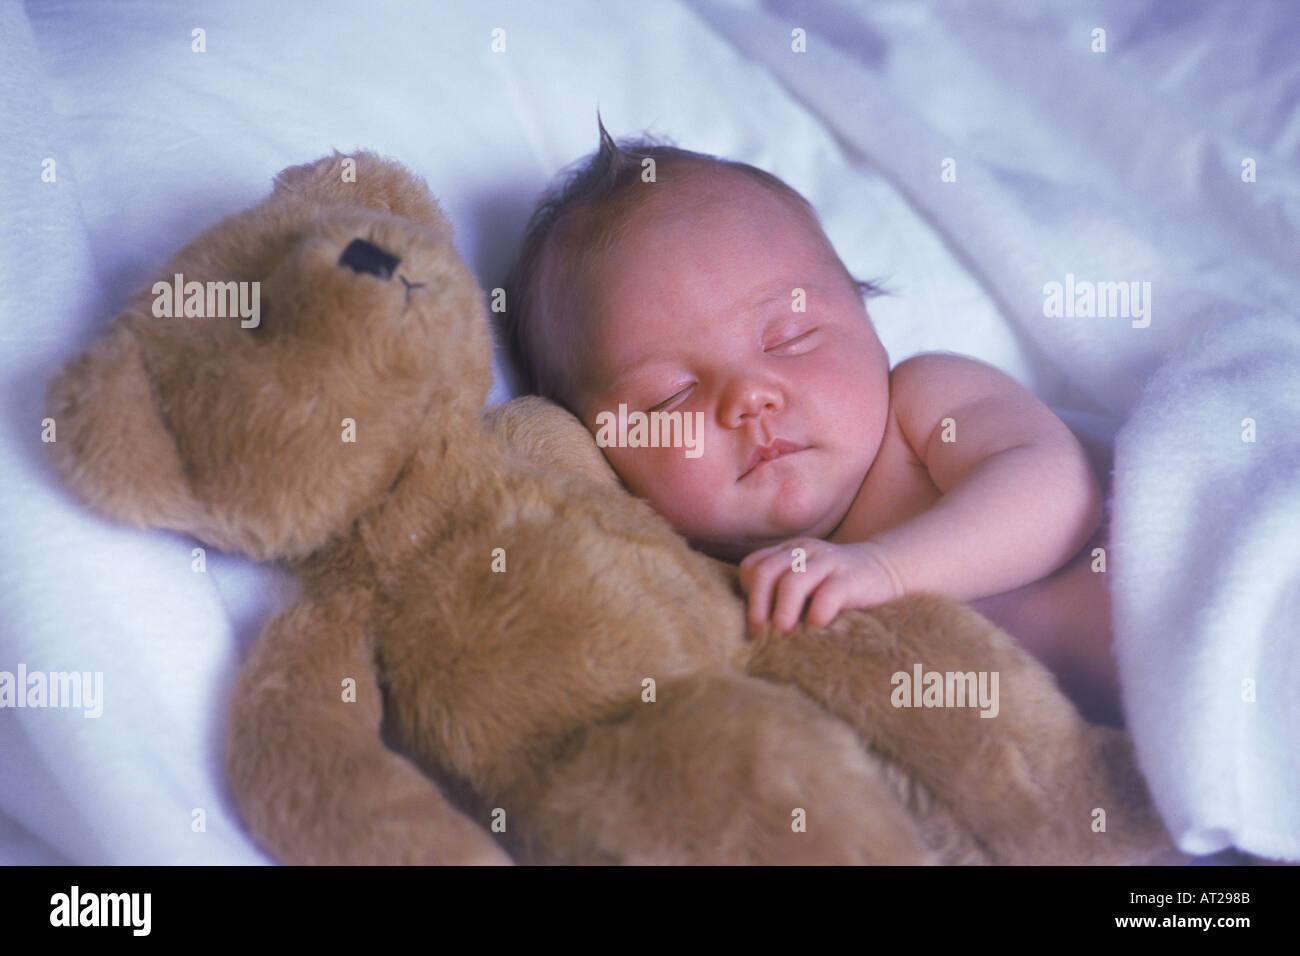 In mit bett schlafen einem kumpel Mit kumpel